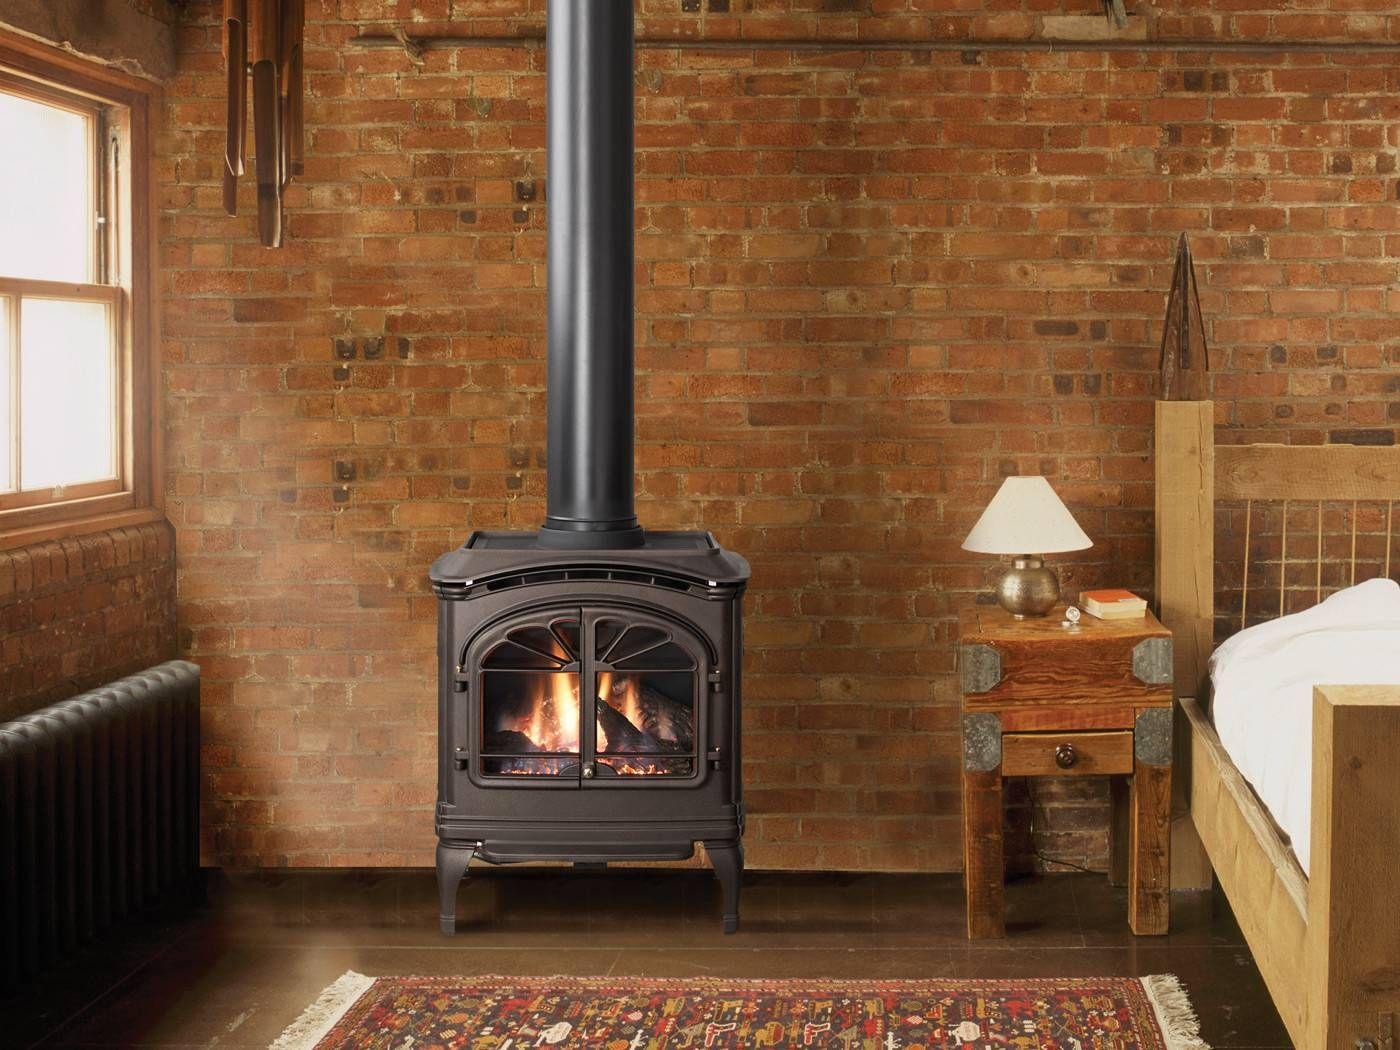 Harman Fireplace Insert Inspirational Pinterest